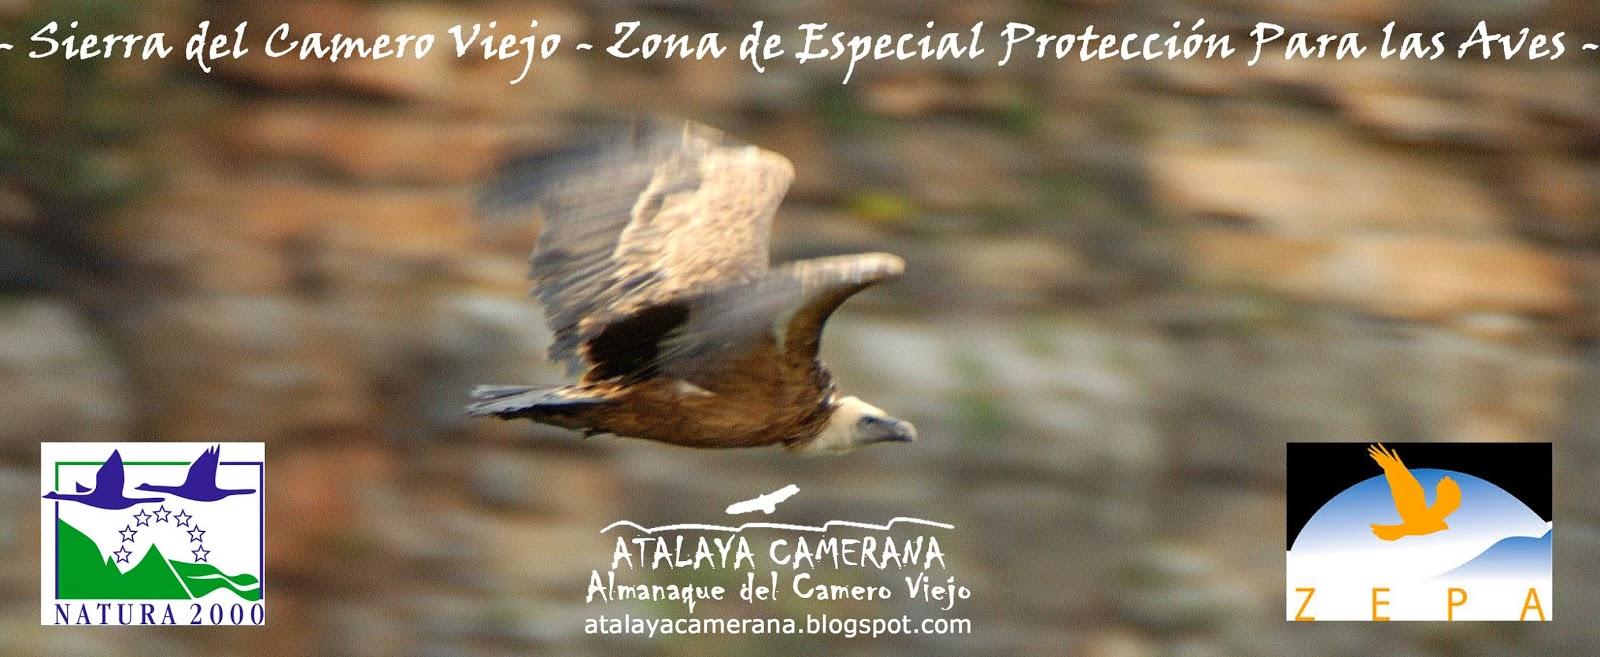 Sierra del Camero Viejo: Zona de Especial Protección Para las Aves (ZEPA).